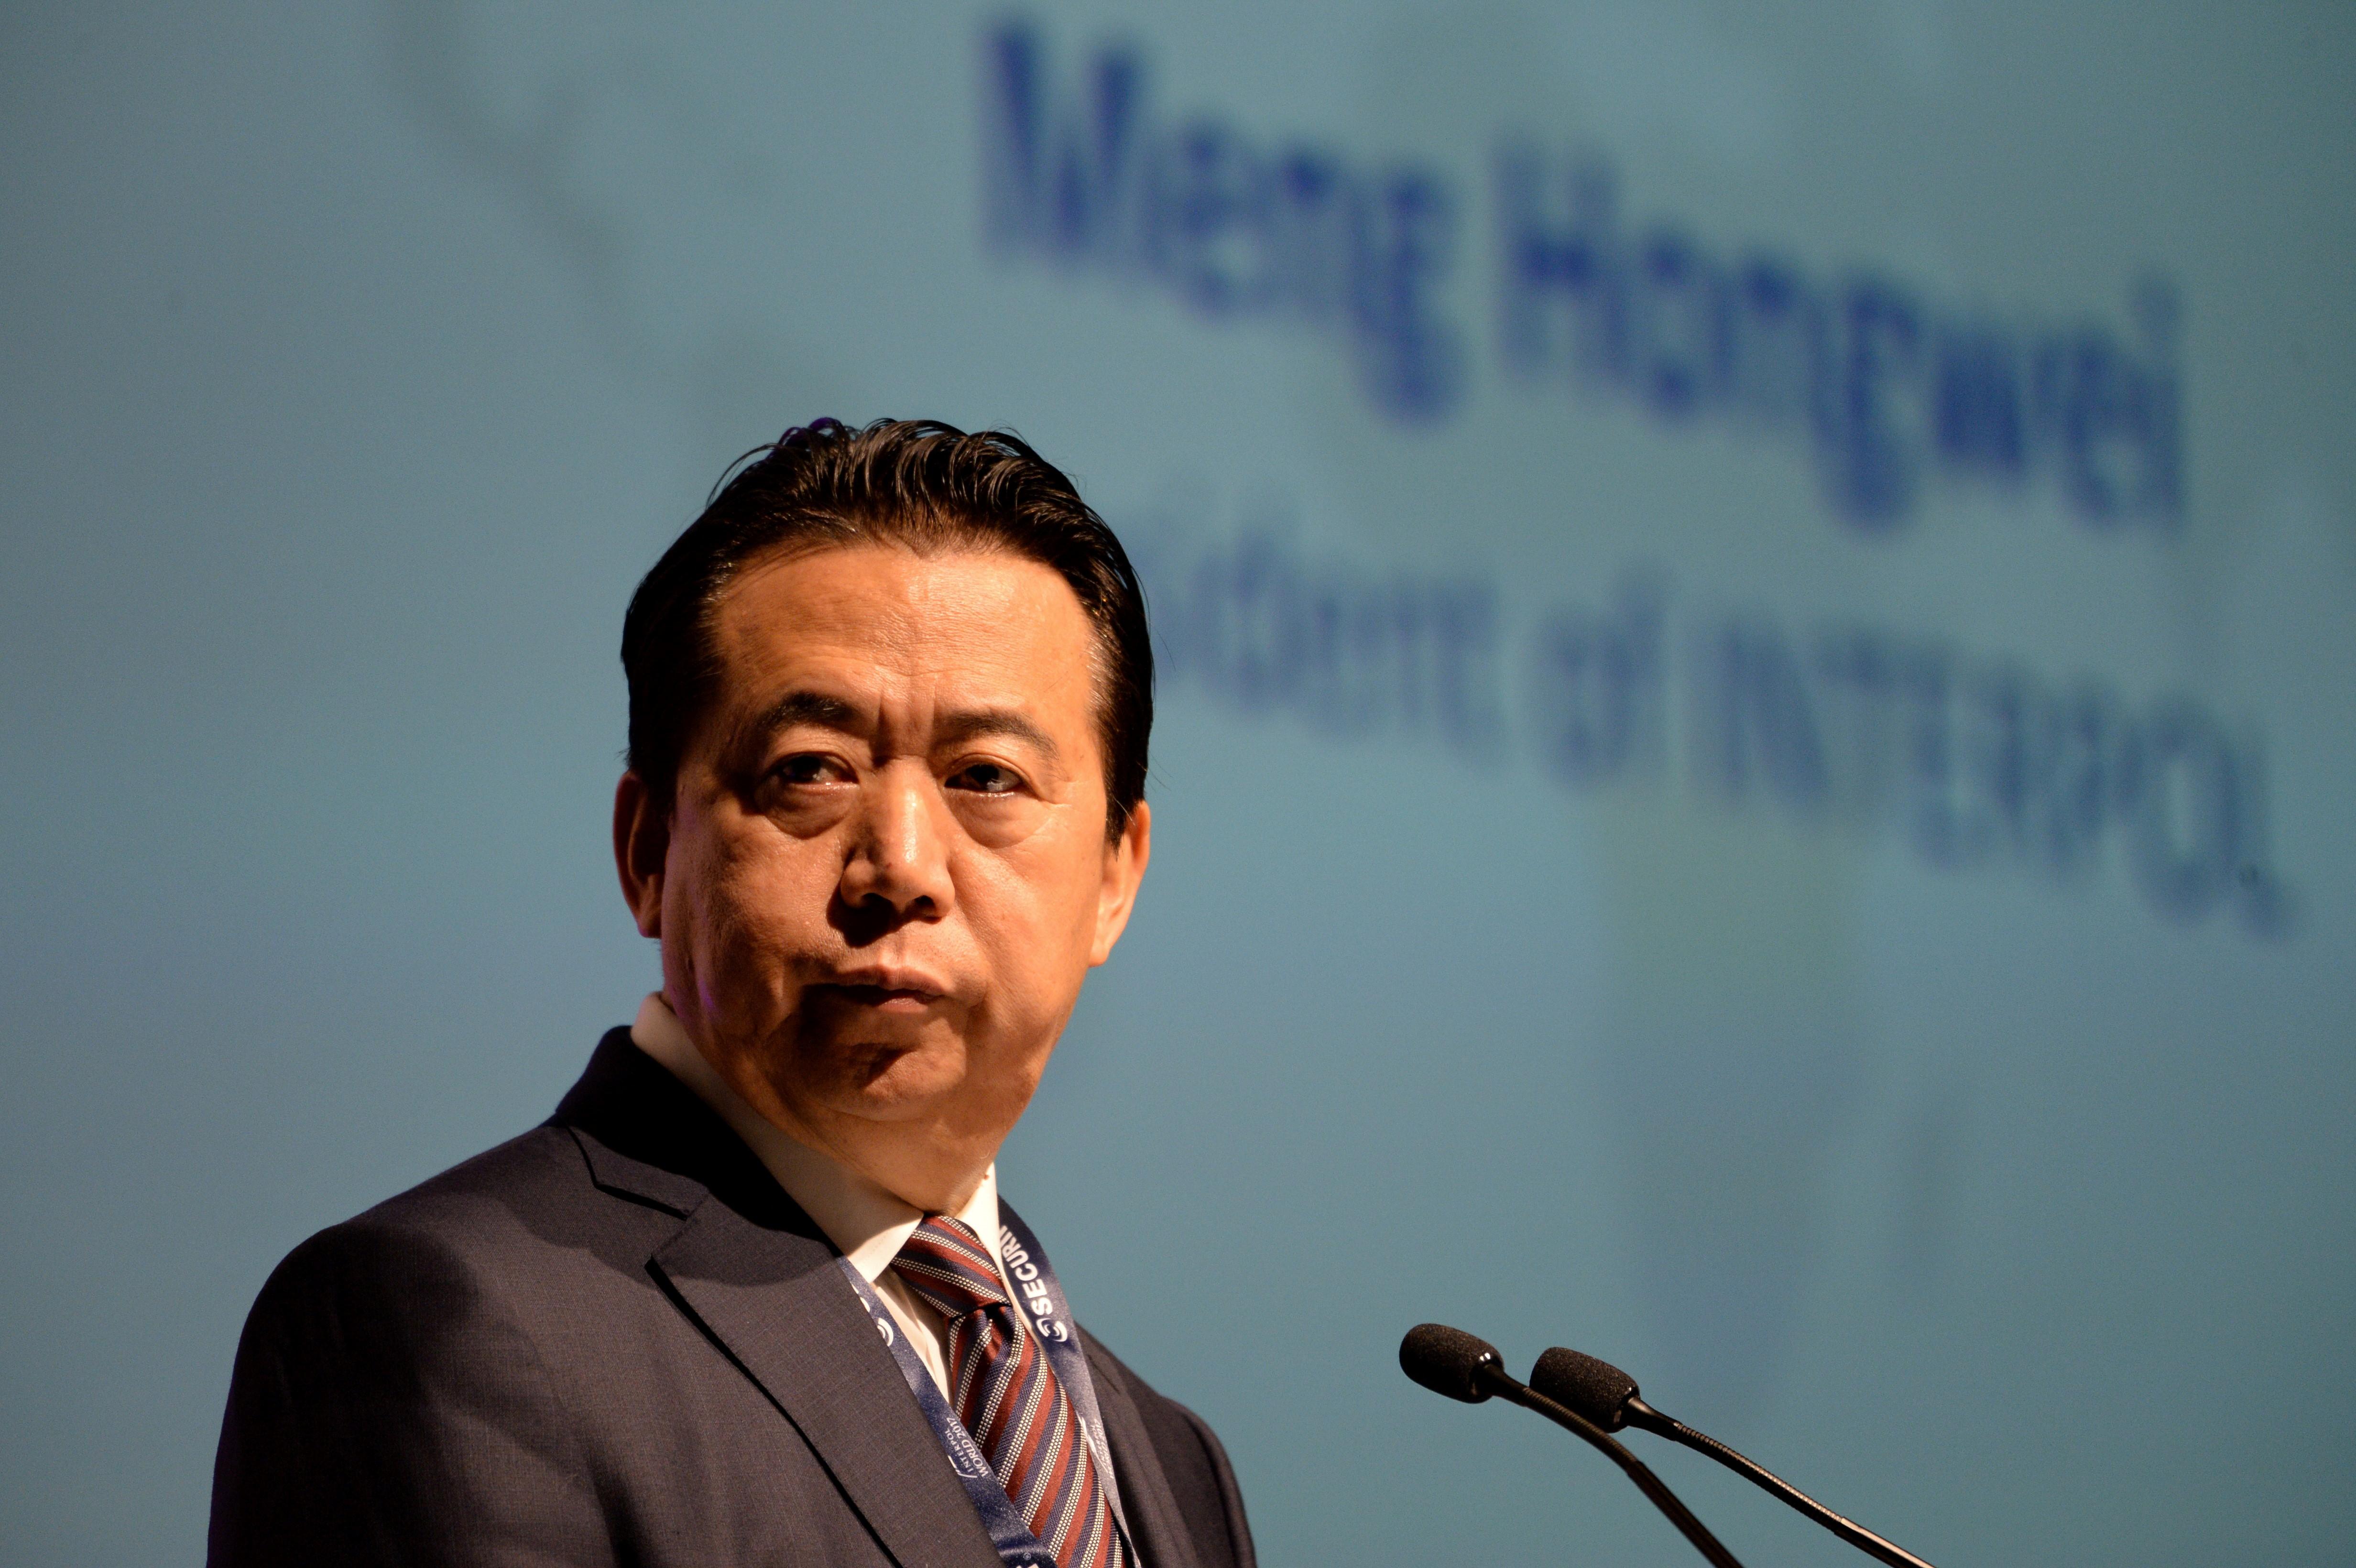 Kína letartóztatta az Interpol főnökét, és egy hete nem tudni róla semmit